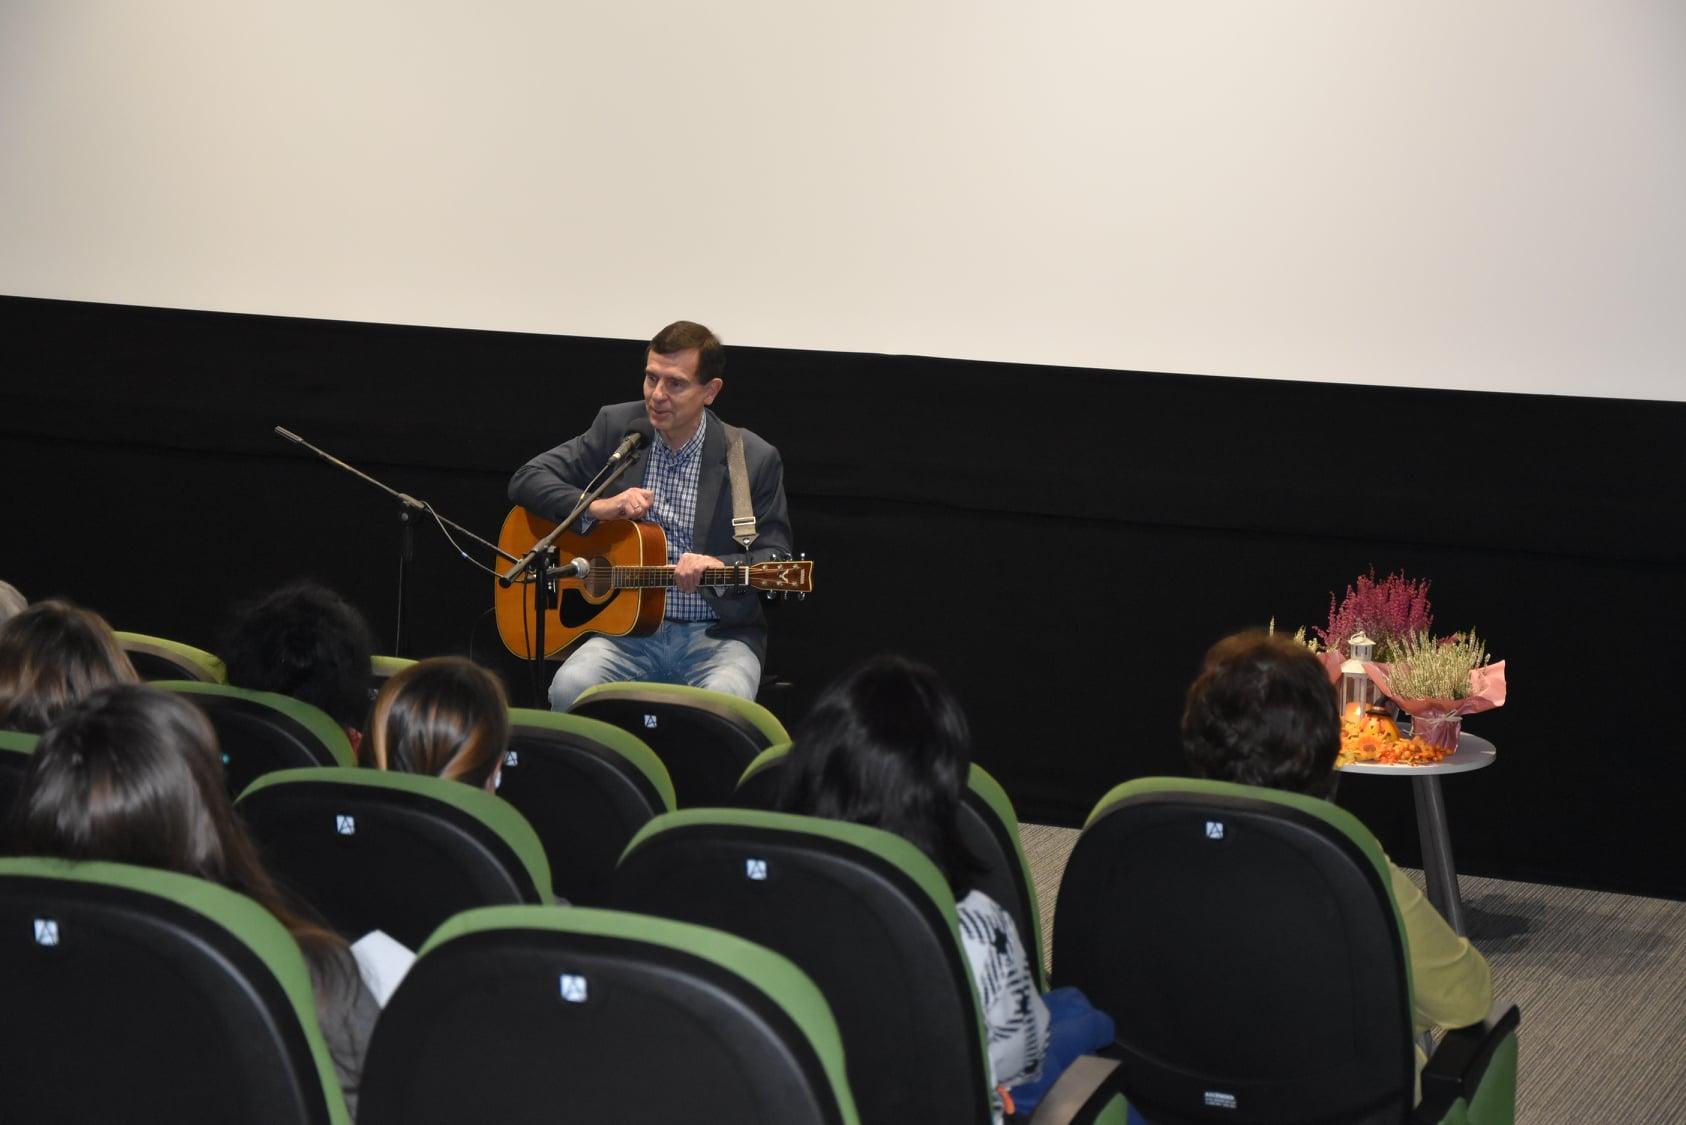 Wokalista Kuba Michalski podczas występu